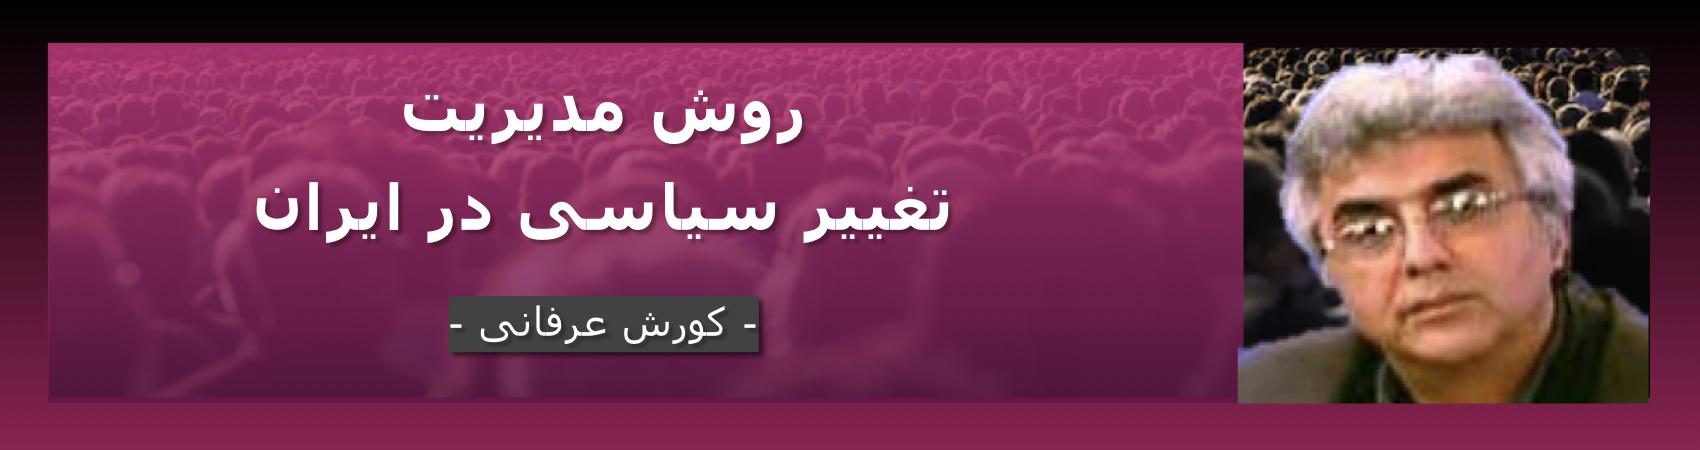 روش مدیریت تغییر سیاسی در ایران – کورش عرفانی